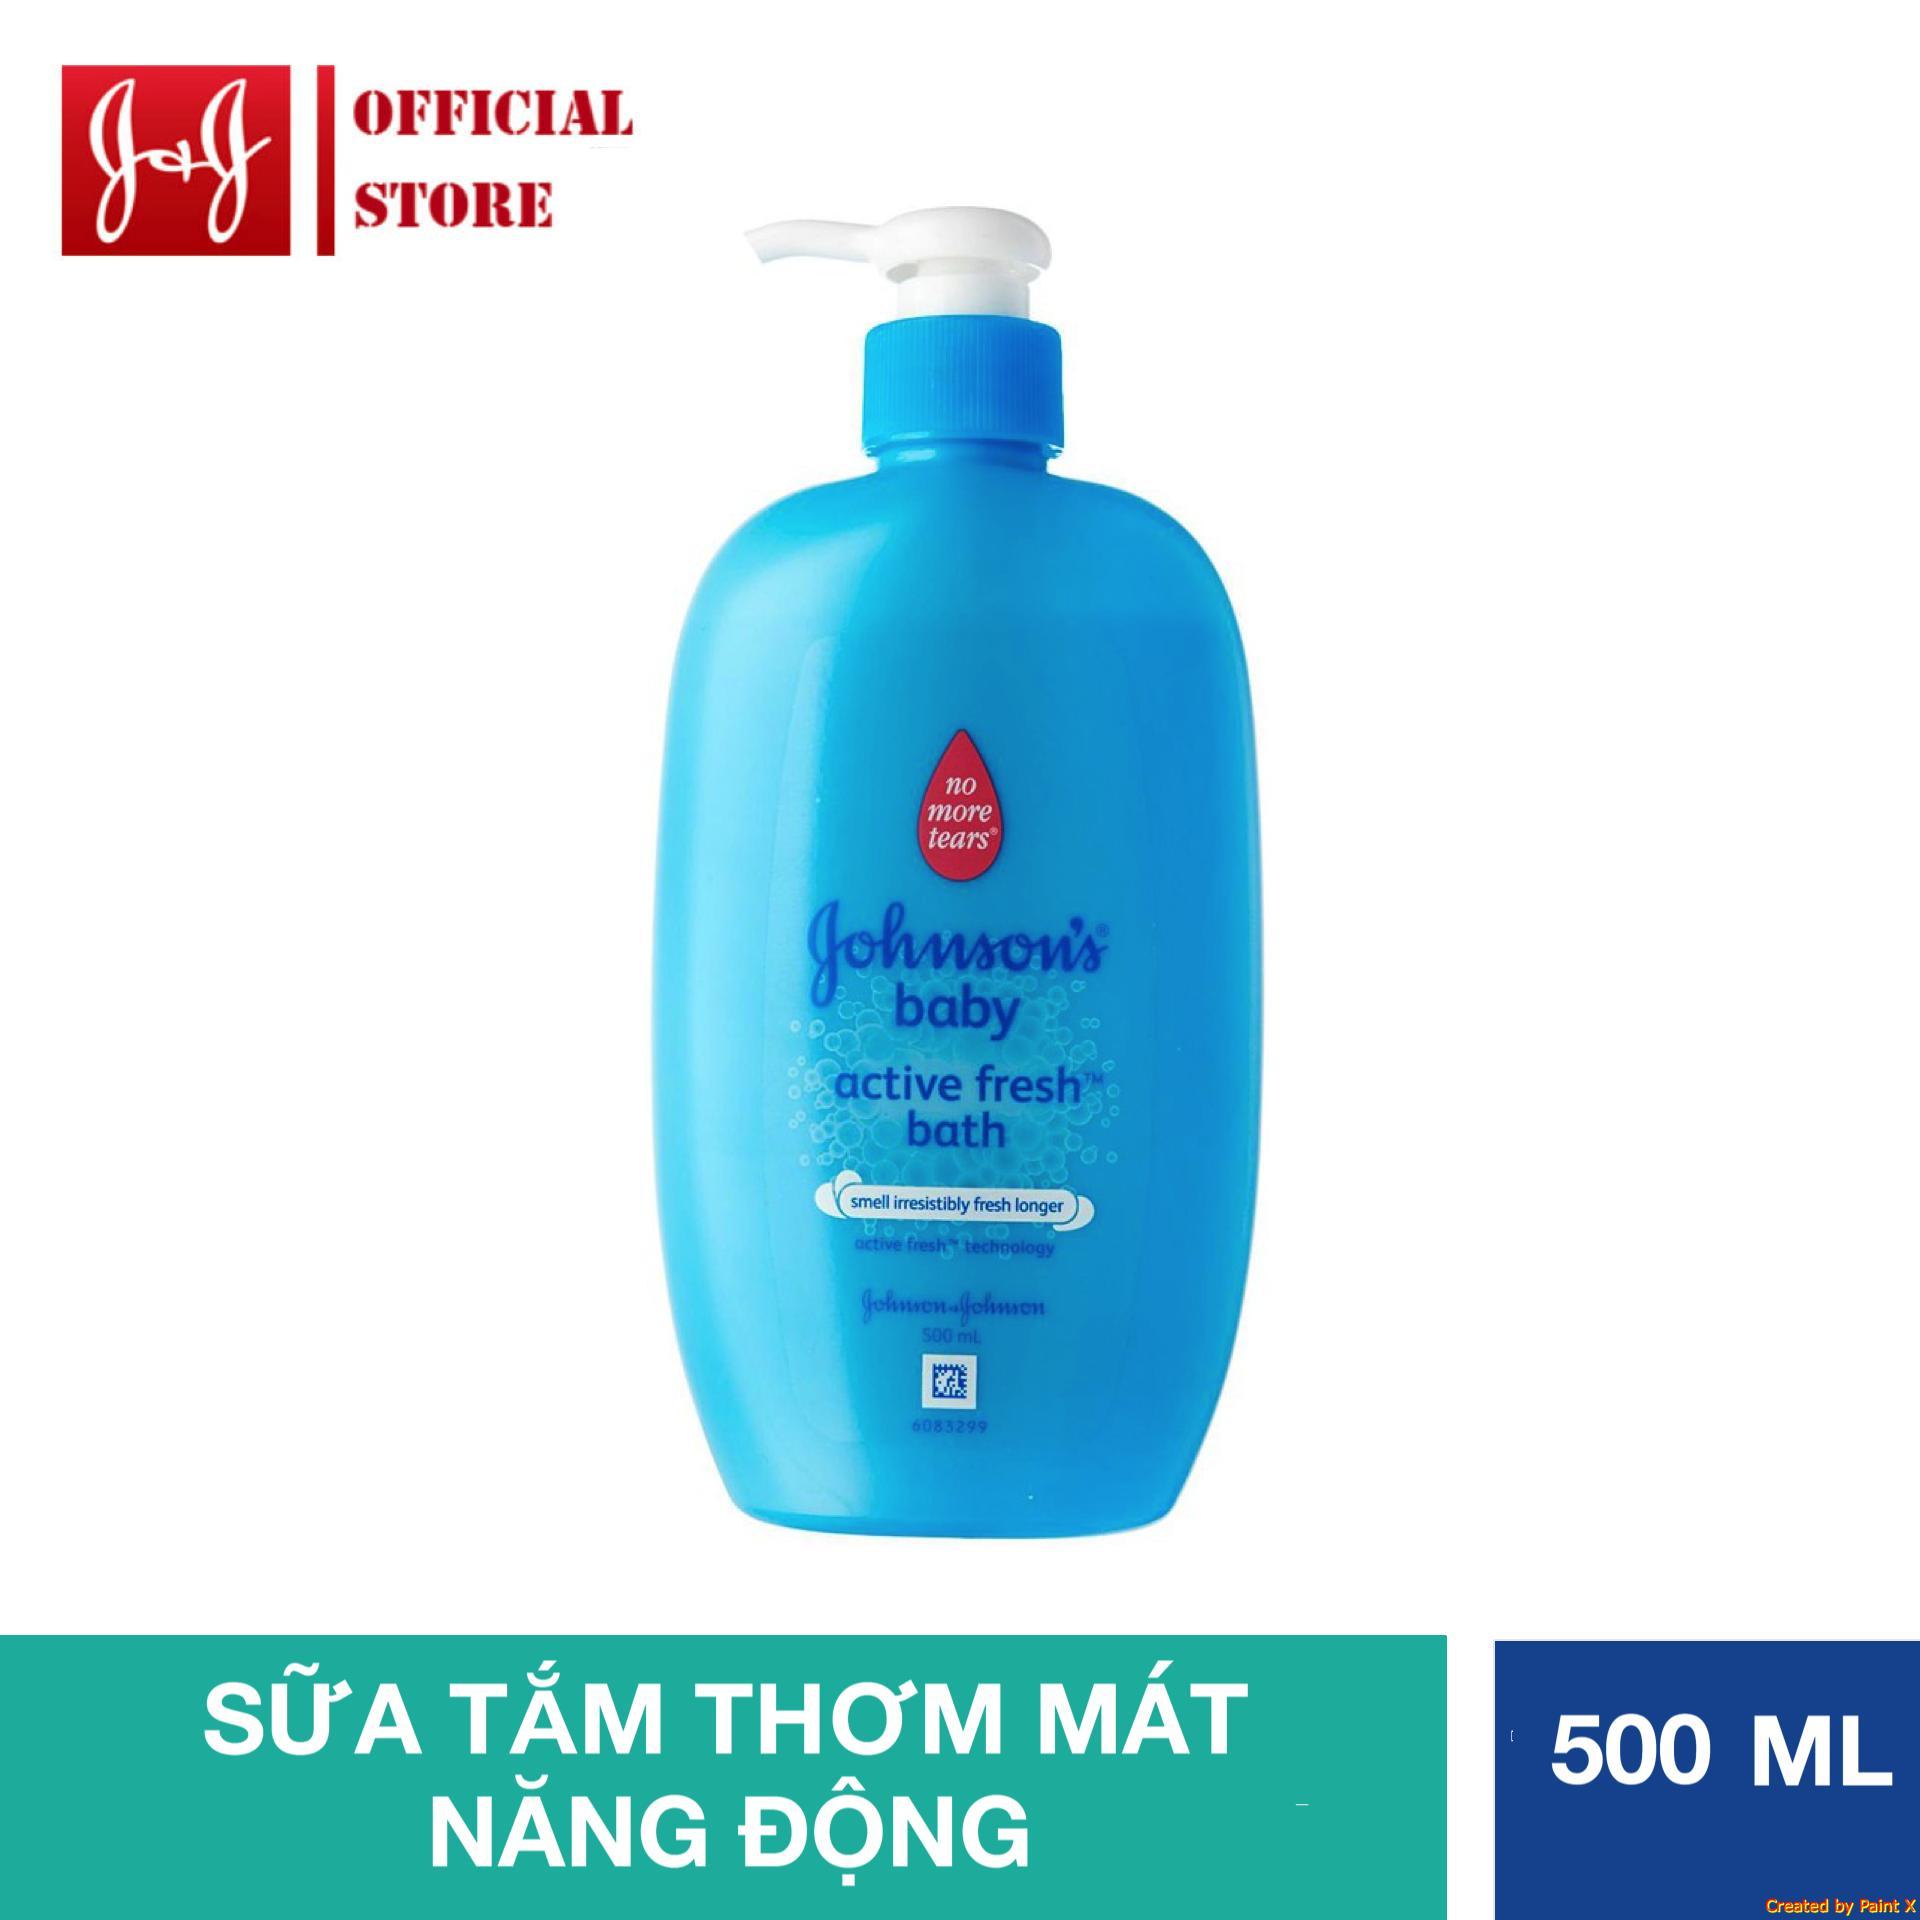 Sữa tắm thơm mát năng động Johnson's Baby 500ml